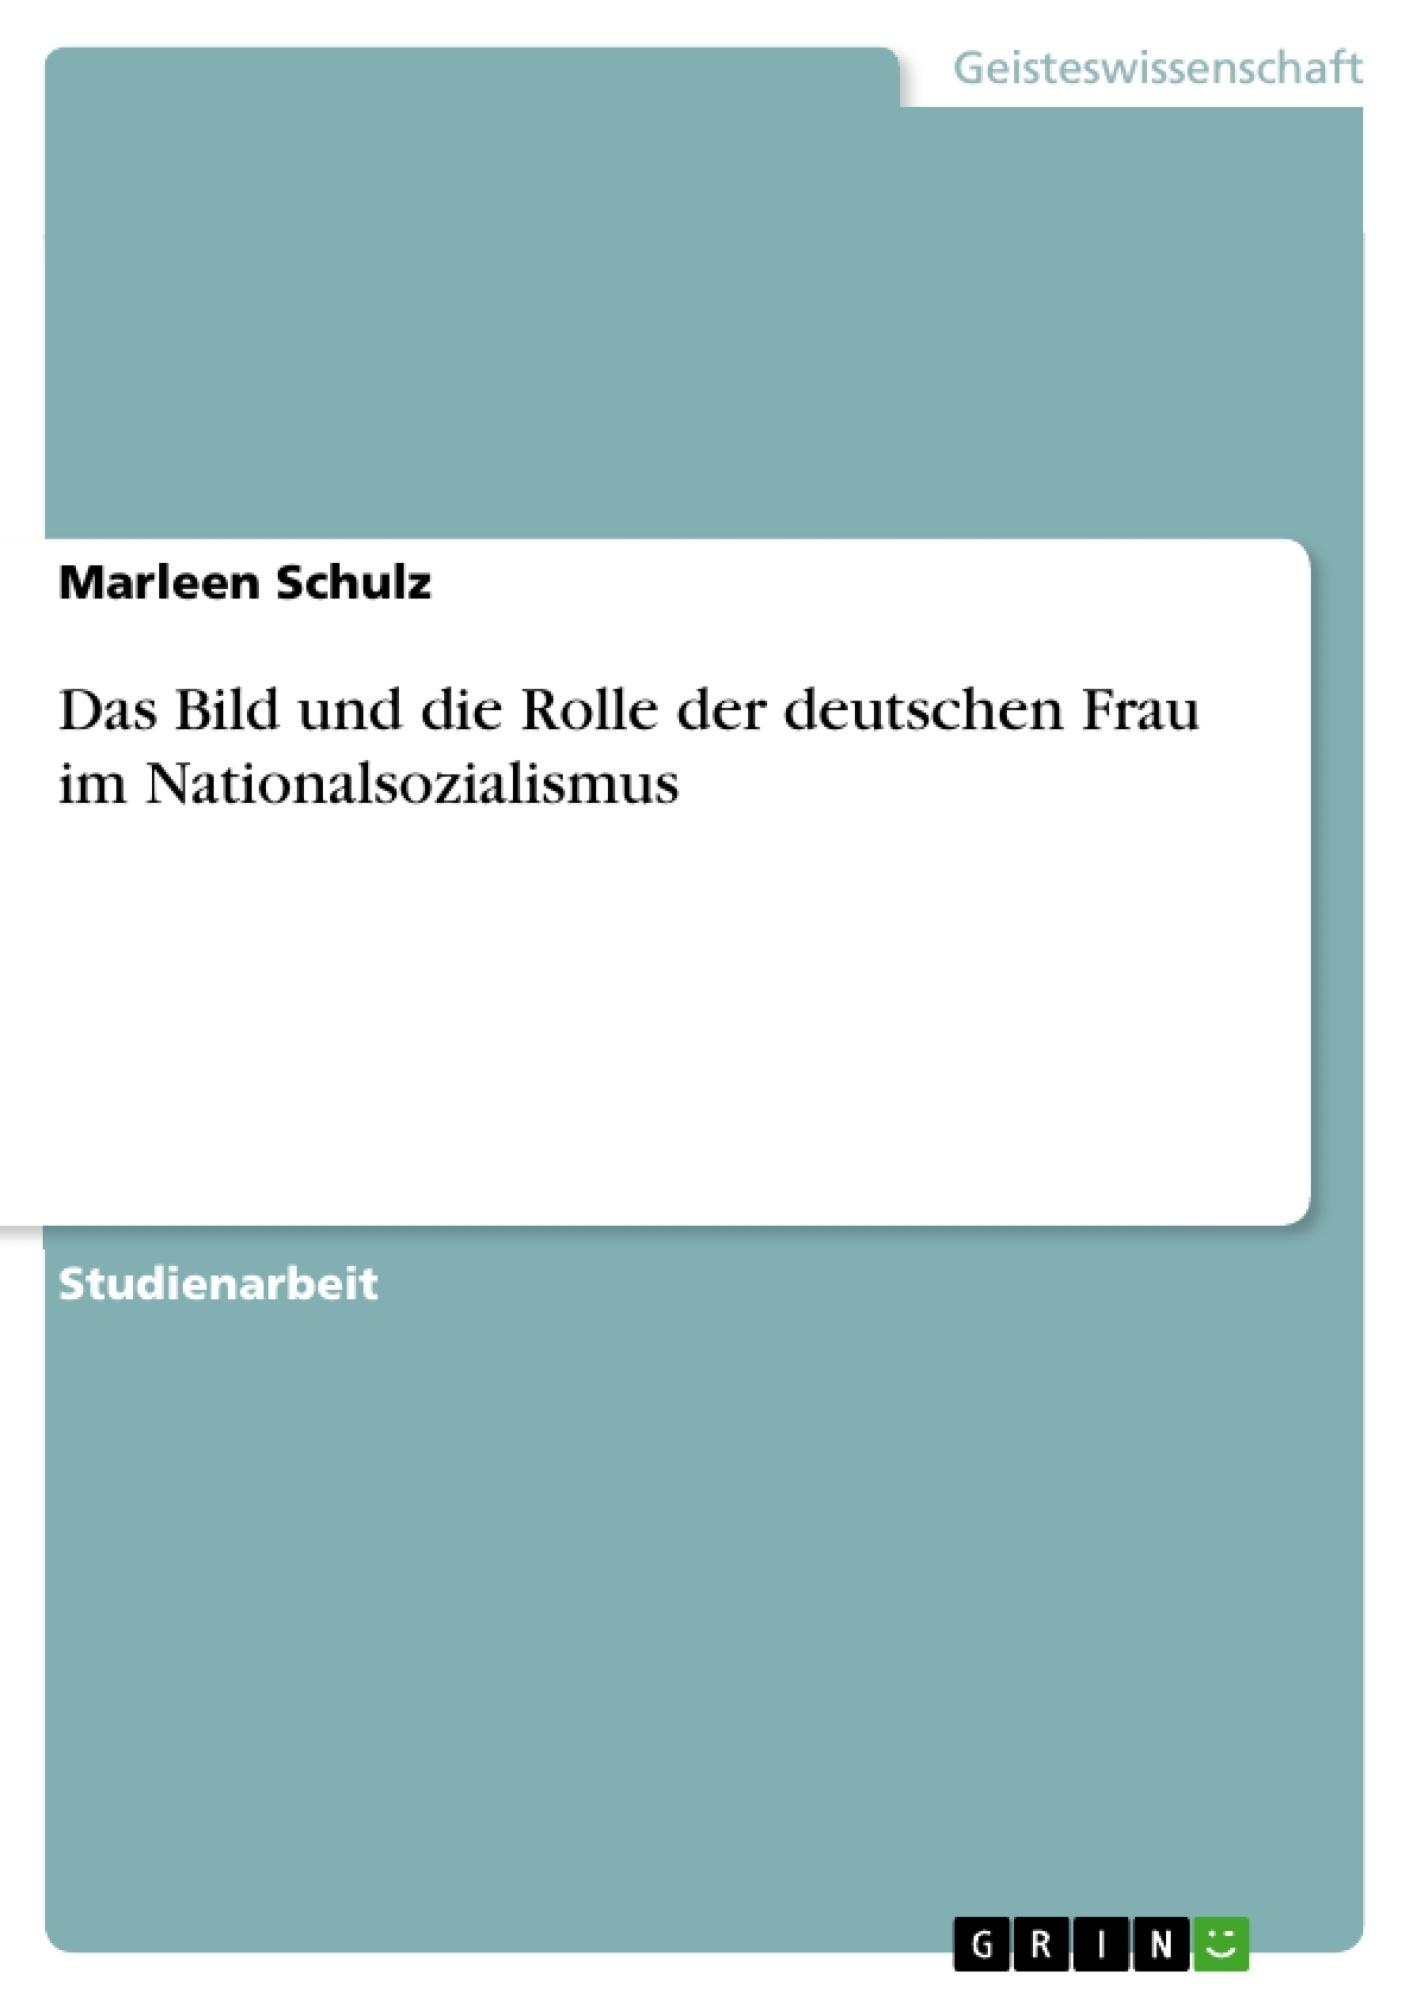 Titel: Das Bild und die Rolle der deutschen Frau im Nationalsozialismus